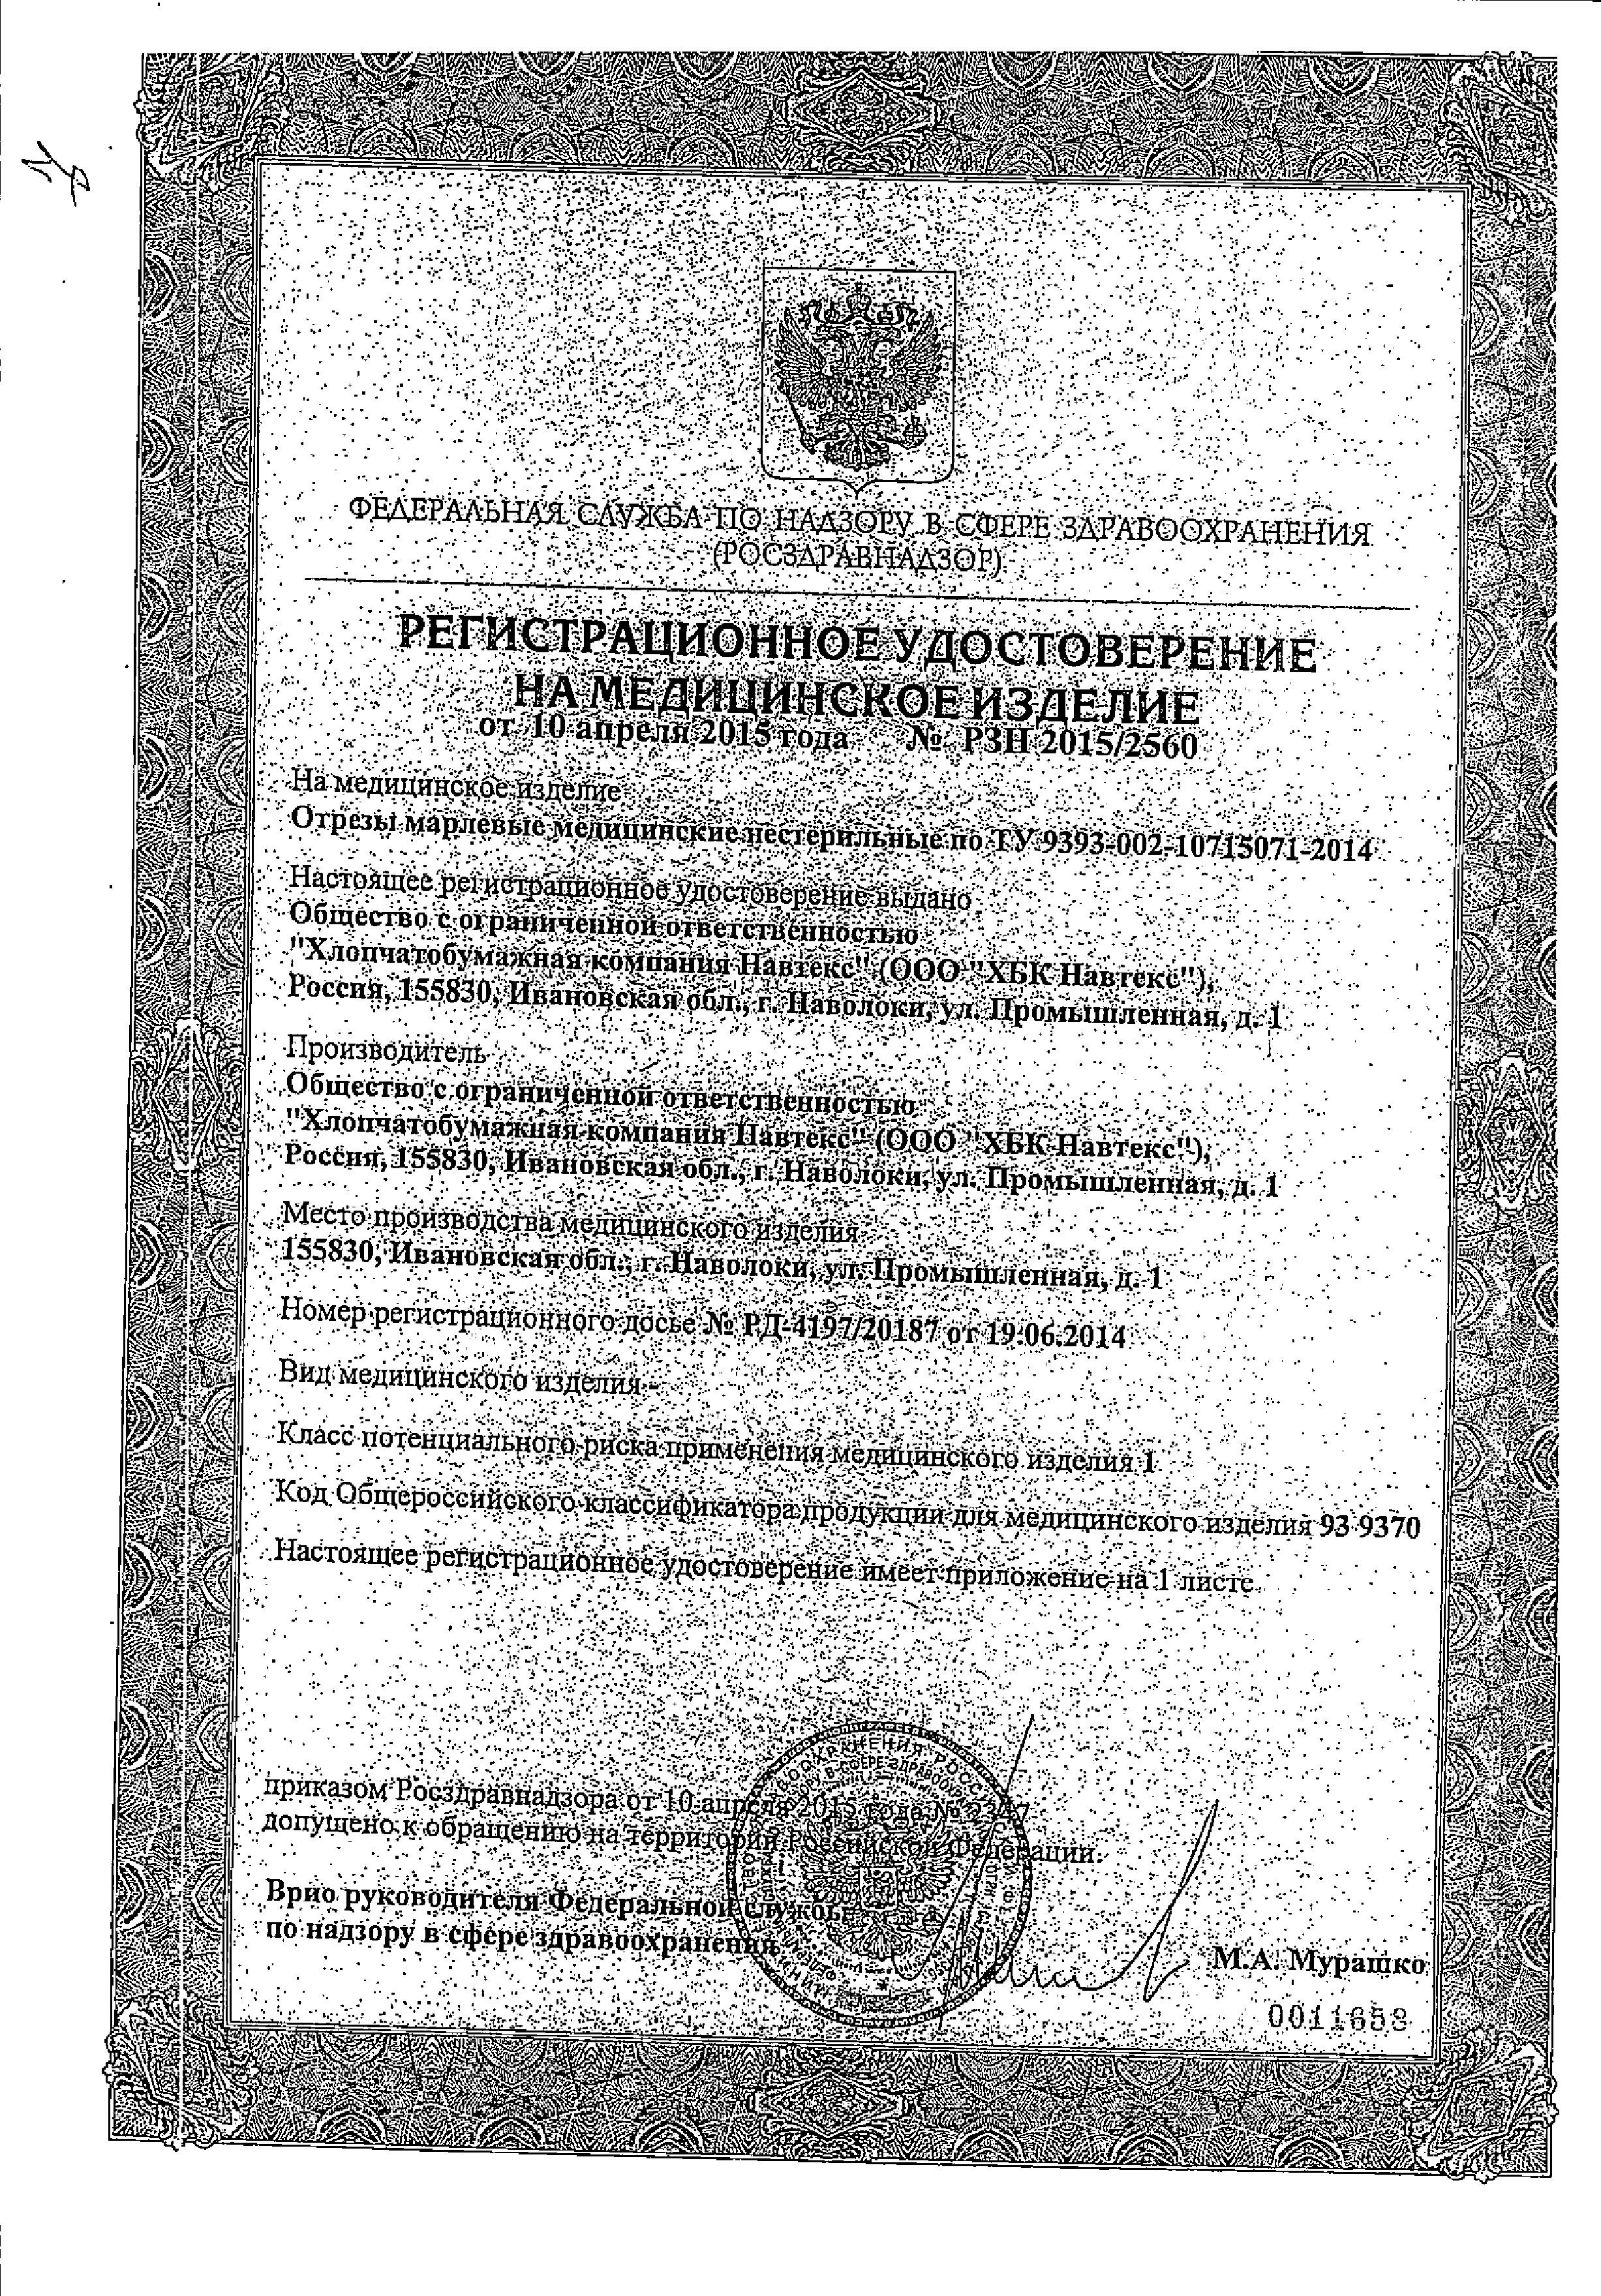 Клинса марля нестерильная сертификат